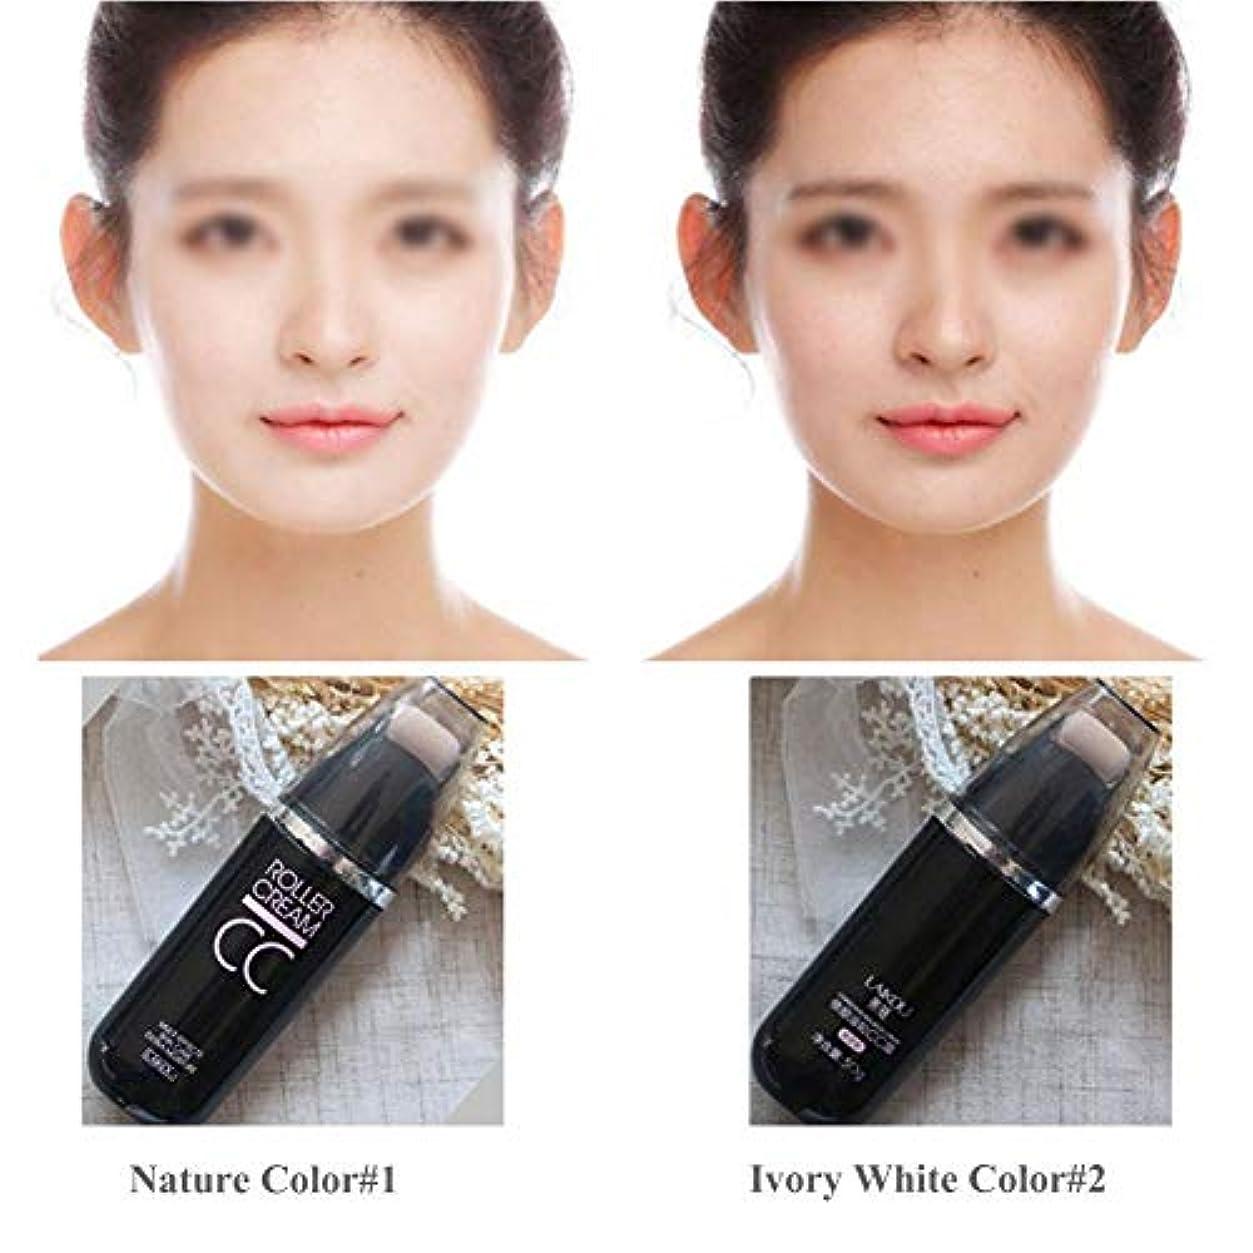 風が強いタービン許す化粧ベース、BBクリームエアクッションBBクリームは肌を明るくし、シミや毛穴を覆い、絶妙な外観を作り出します。防水コンシーラーファンデーション(#2)